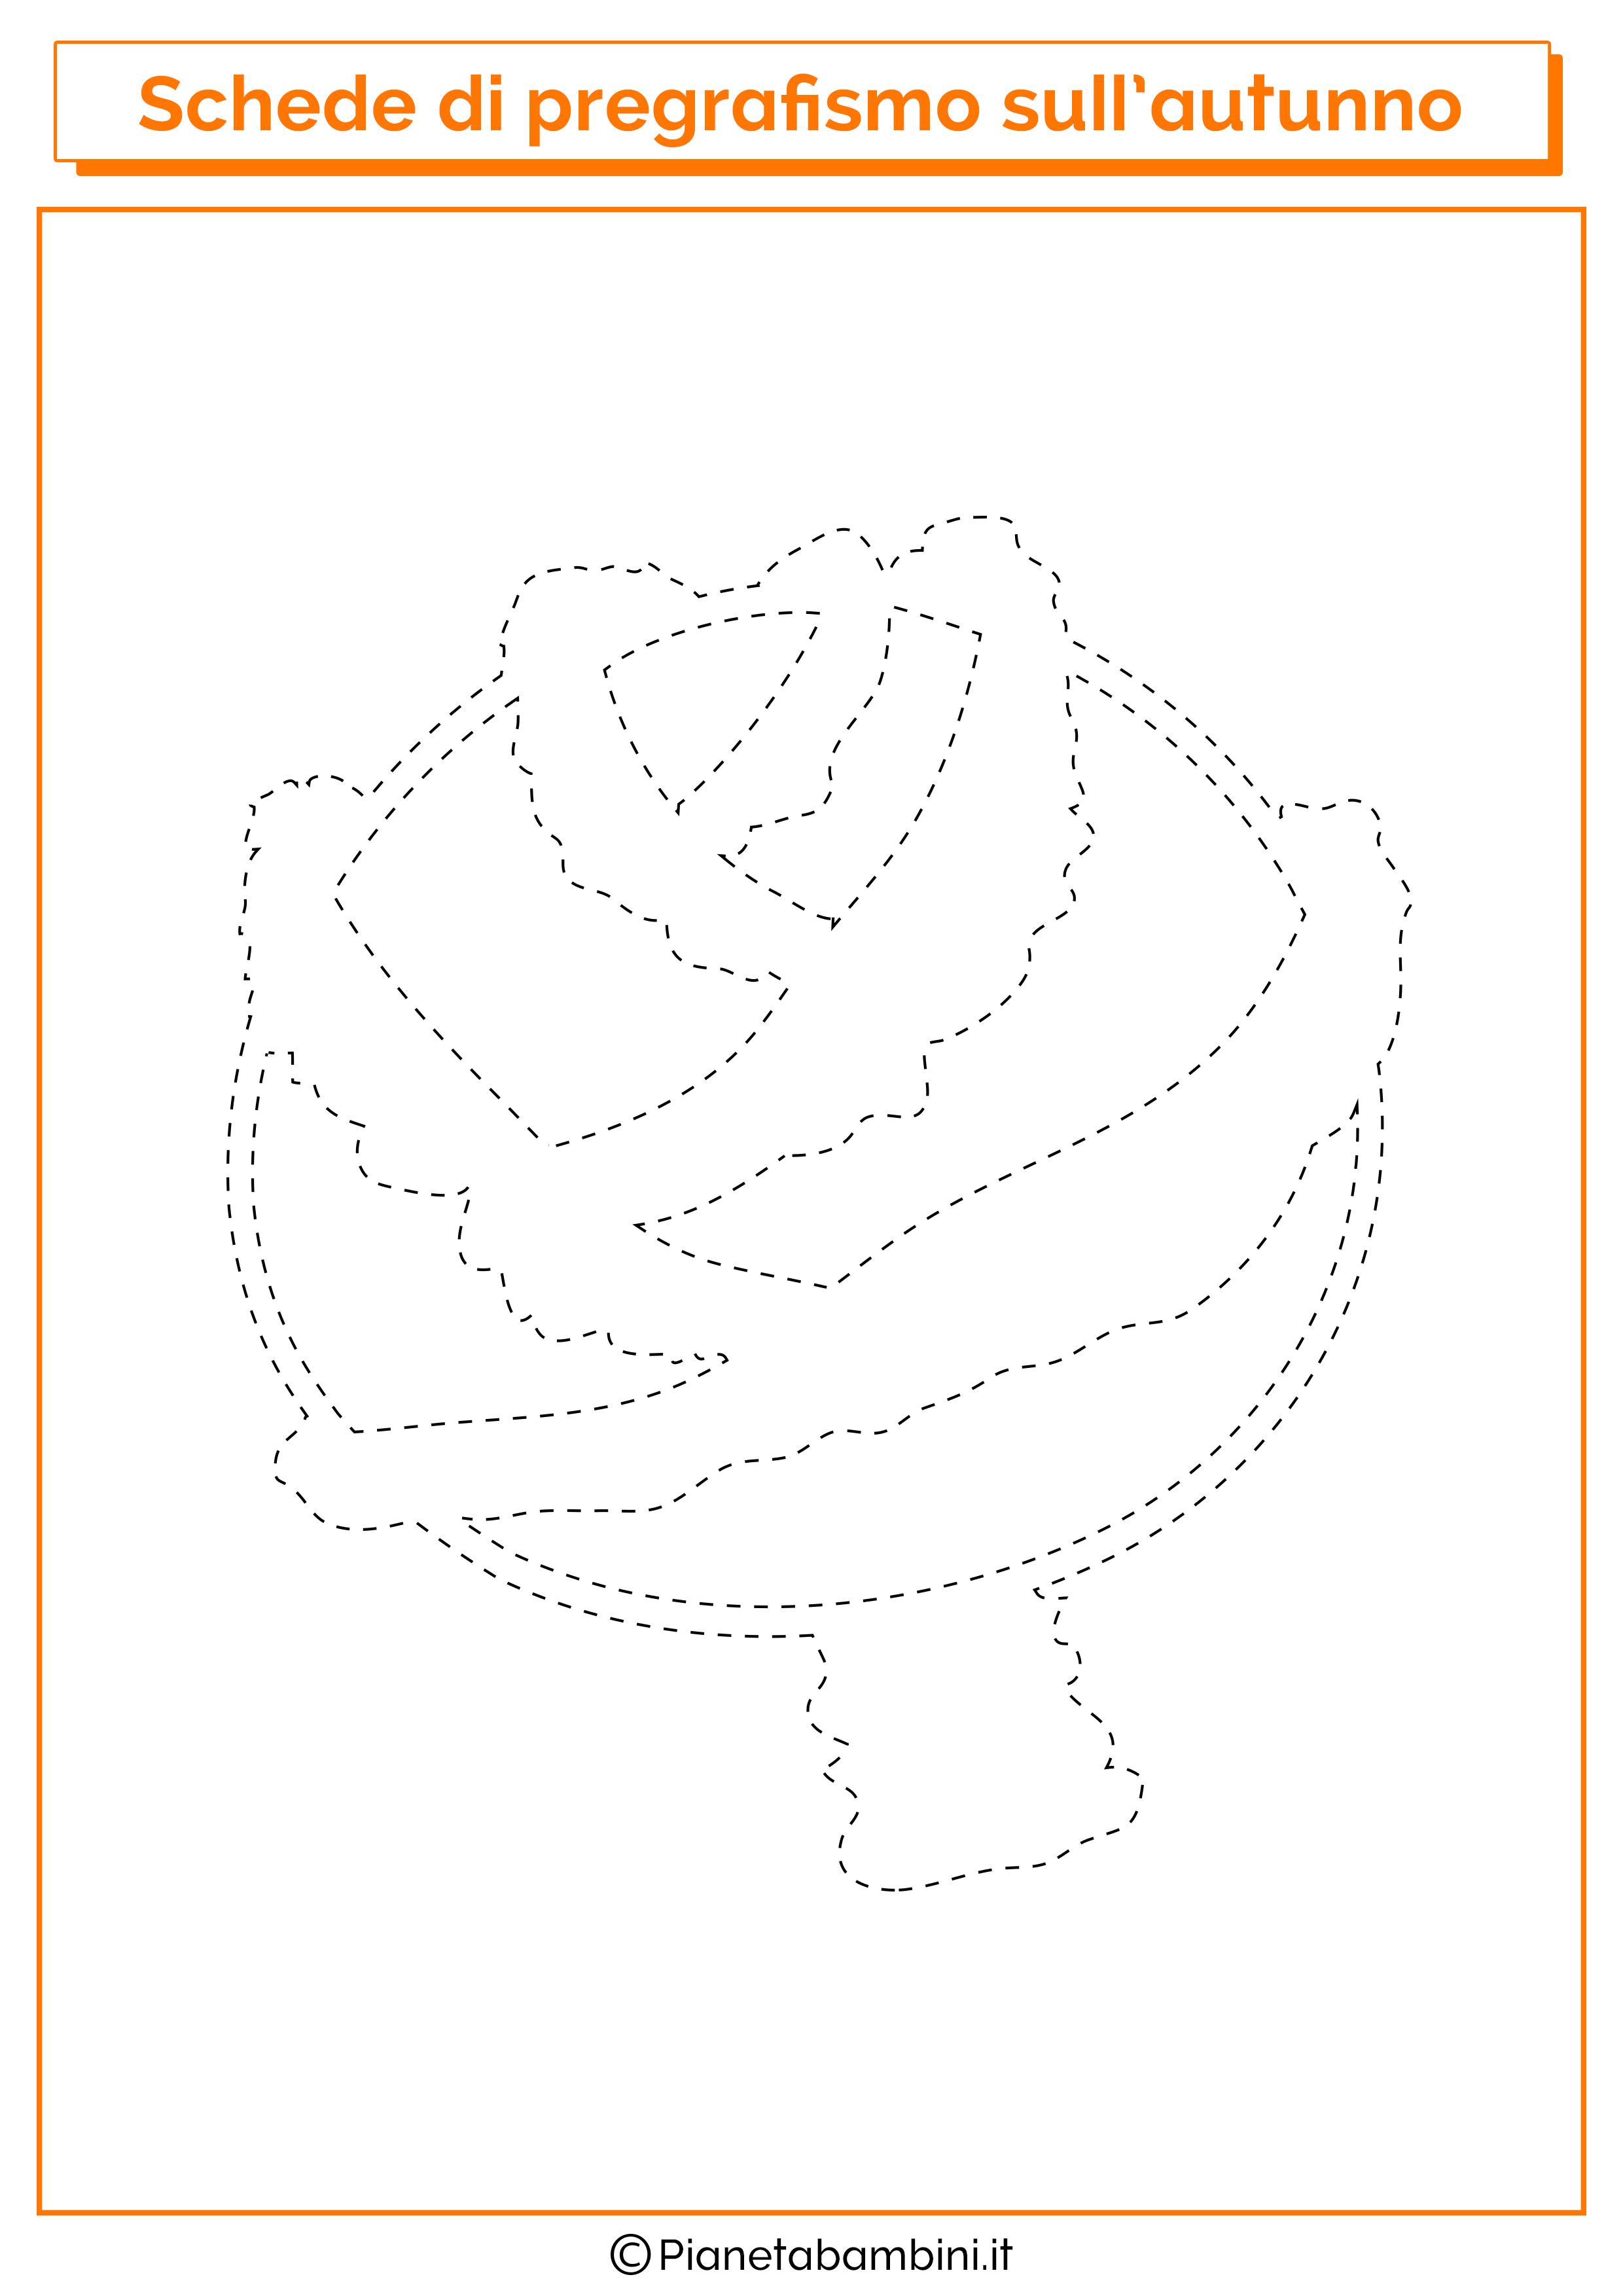 Scheda pregrafismo autunno cavolo cappuccio